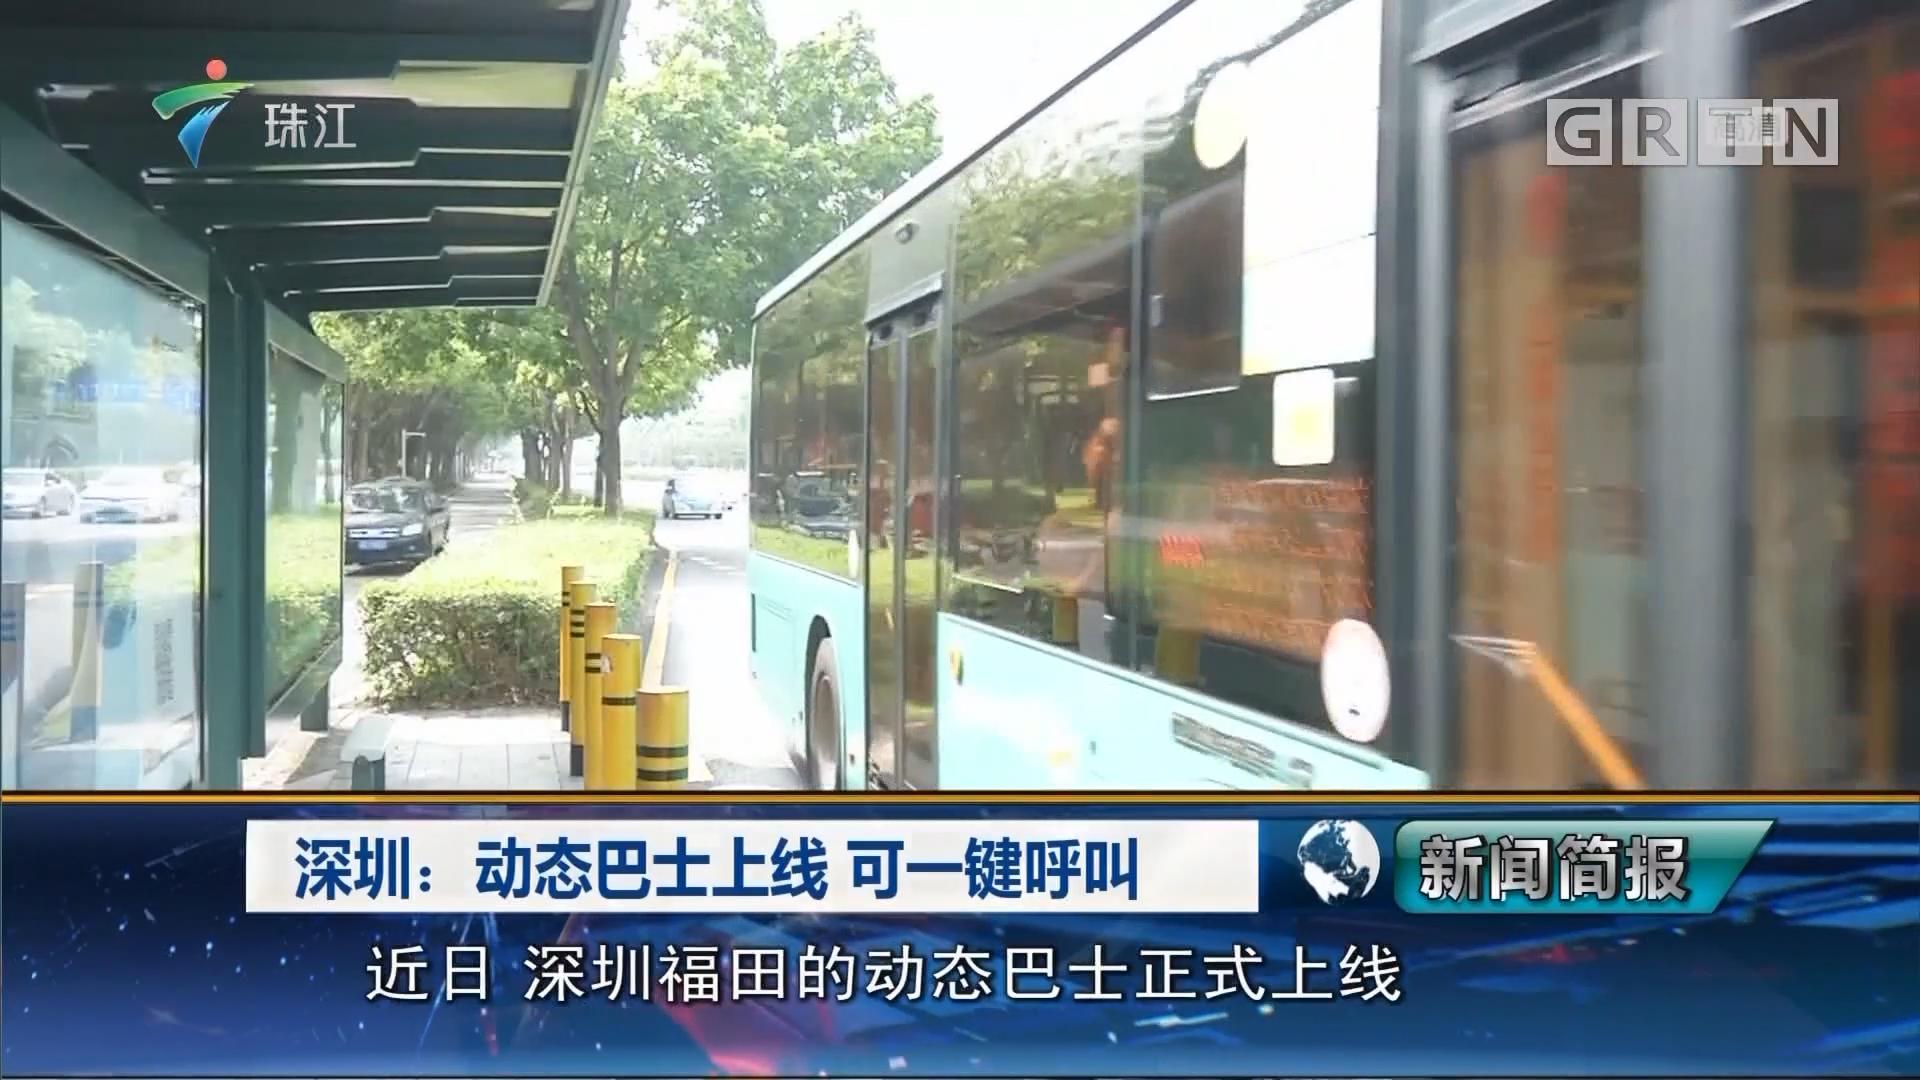 深圳:動態巴士上線 可一鍵呼叫